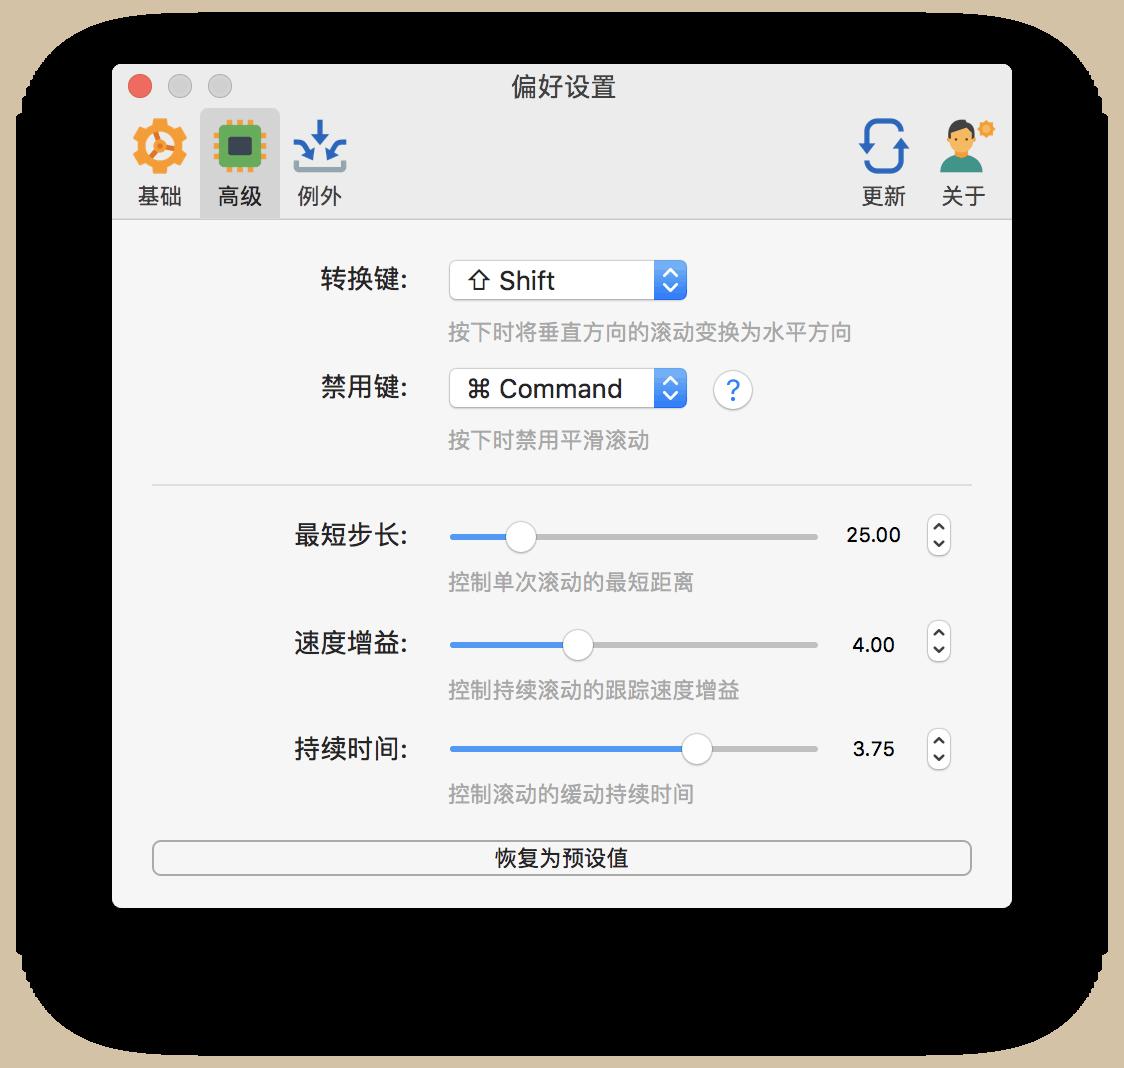 Mos 3.0.0 中文版 让鼠标平滑滚动-Mac毒